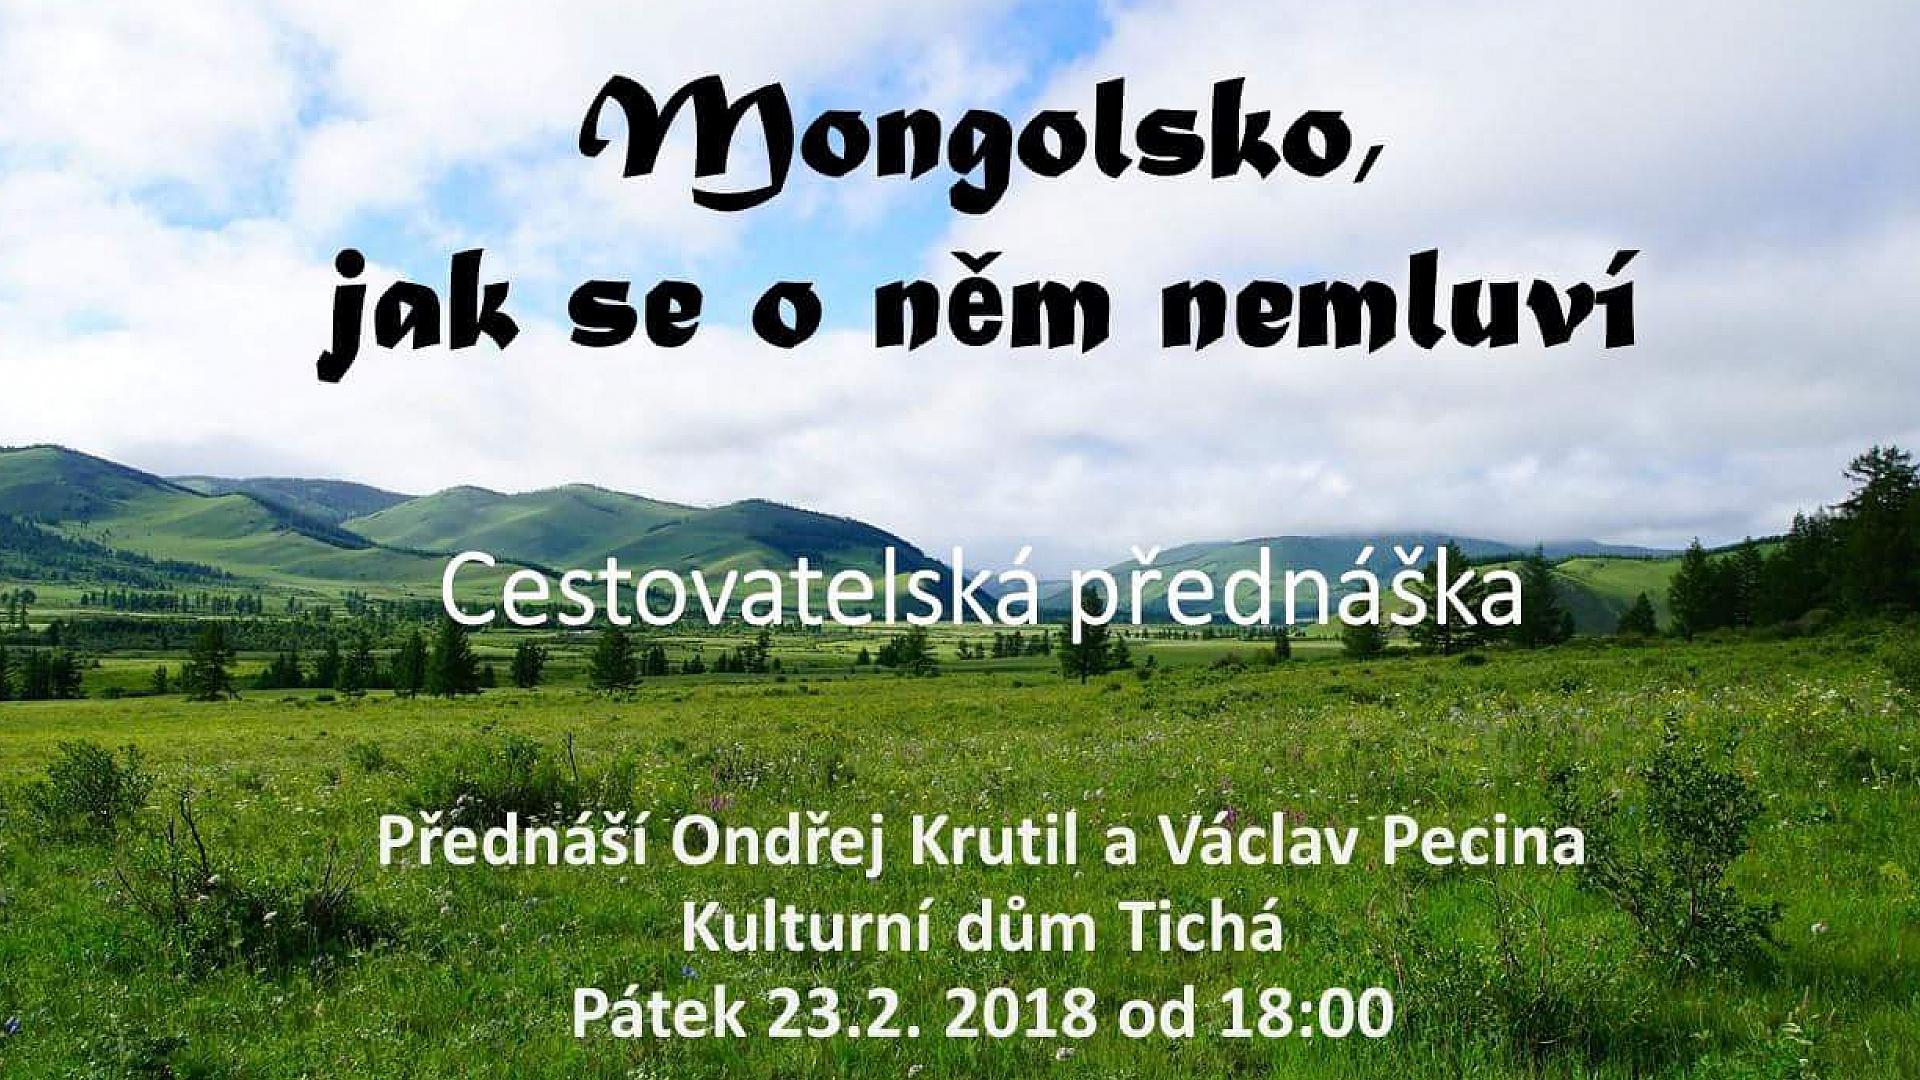 Ondřej Krutil - Mongolsko, jak se o něm nemluví